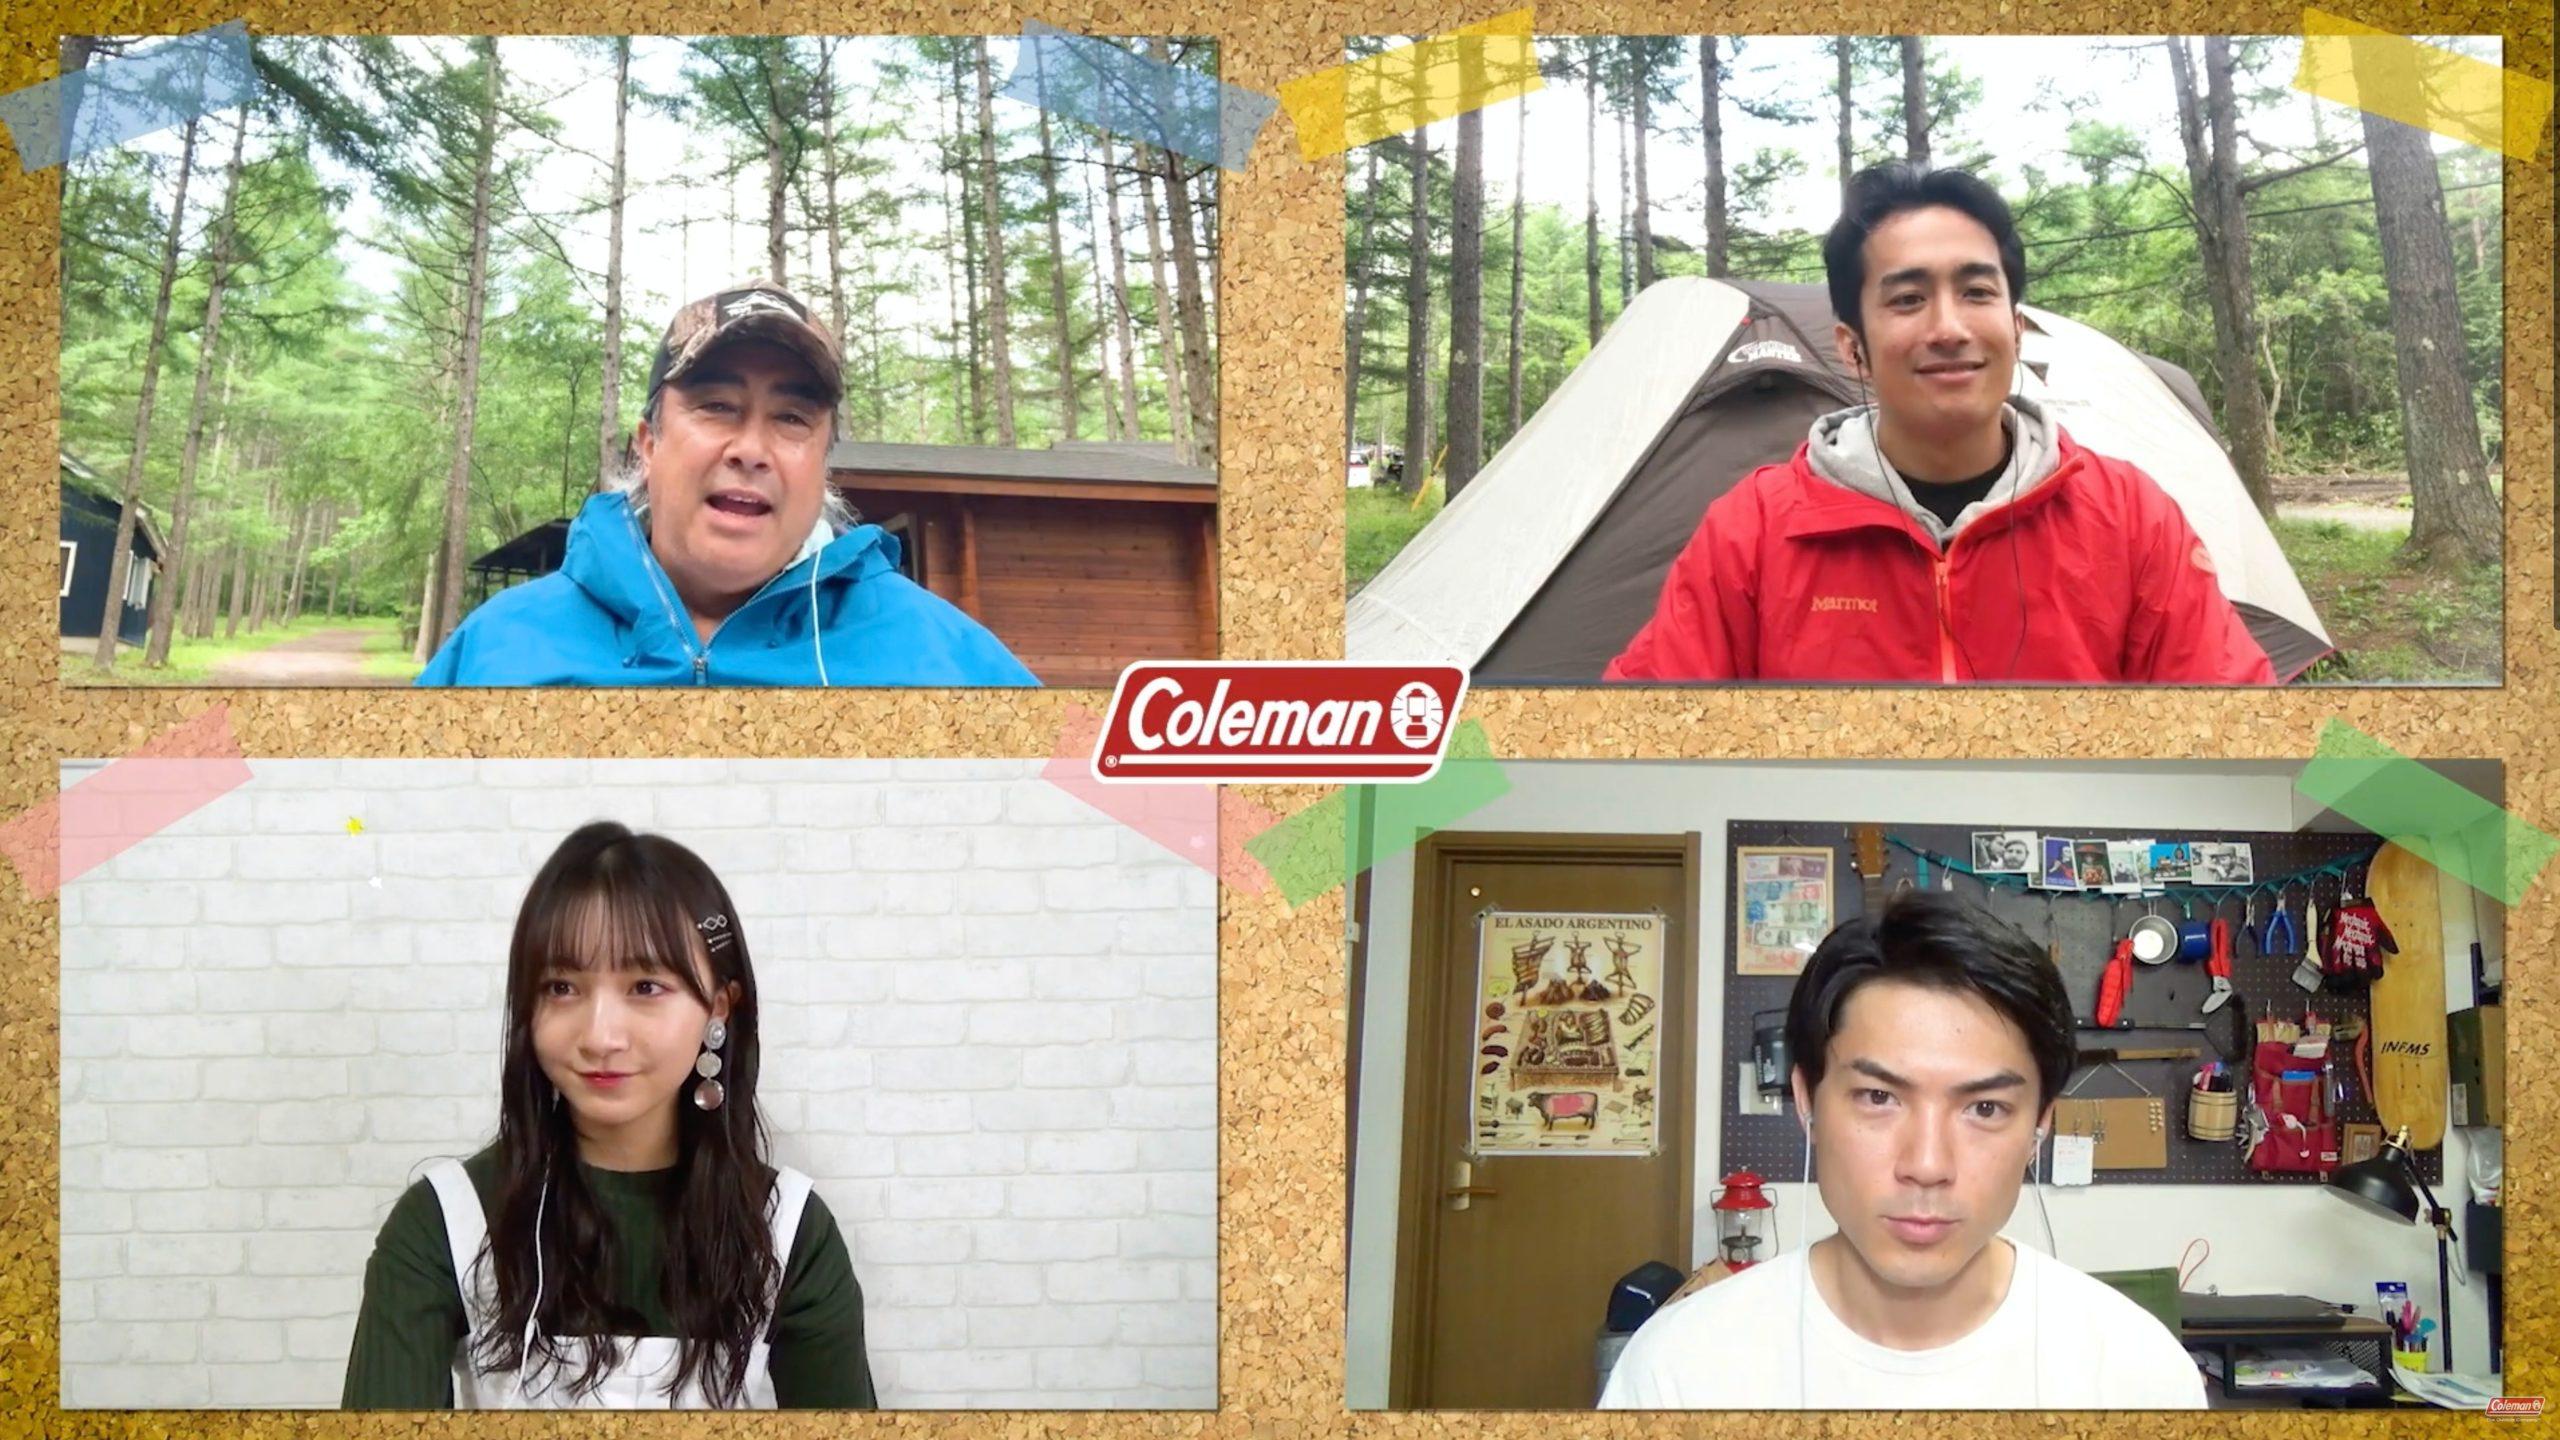 【山本彩加】あーやんが コールマン ジャパン 公式You Tubeの配信に参加